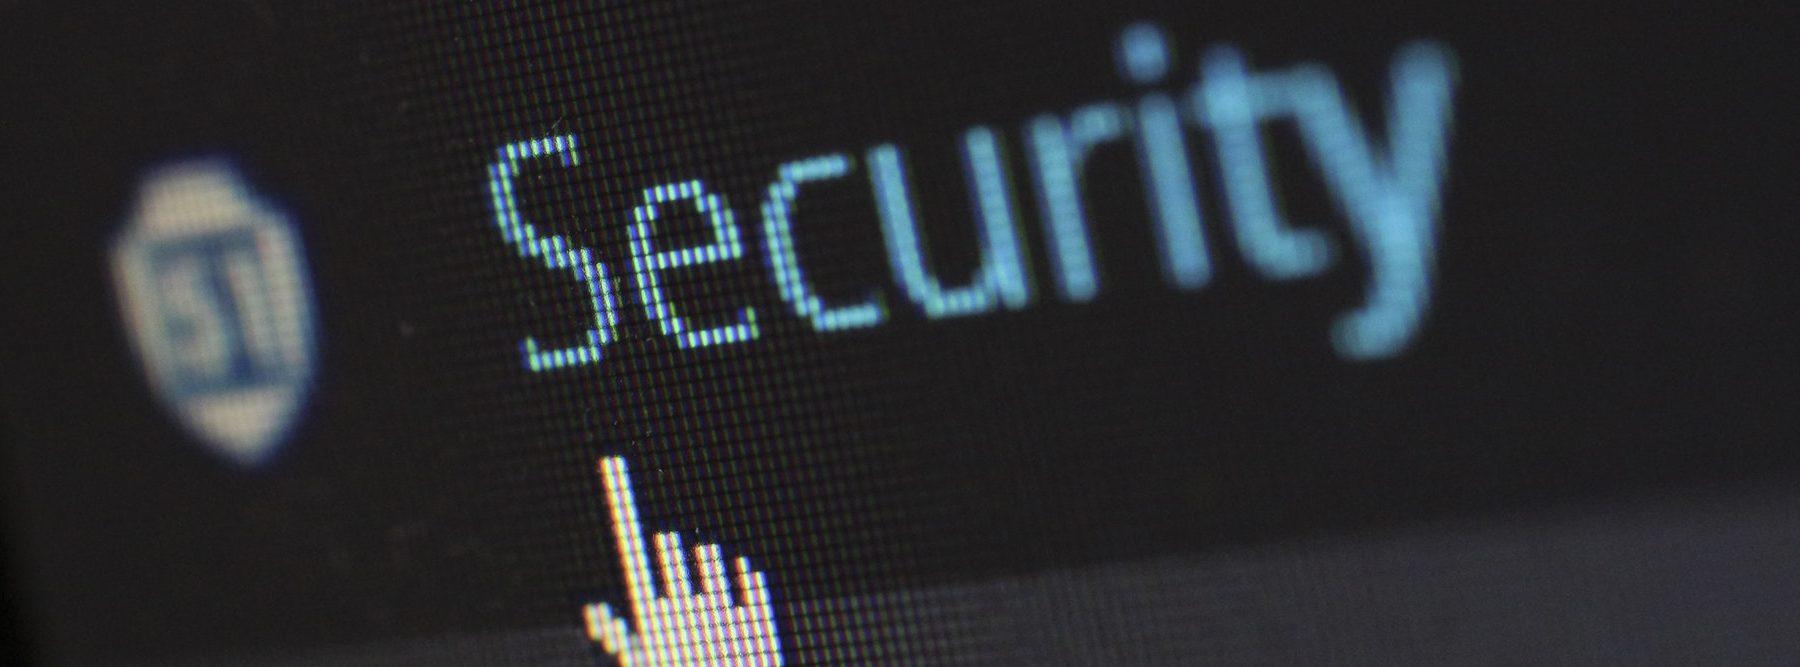 La NSA libera Ghidra, una de sus herramientas de ciberseguridad más potentes